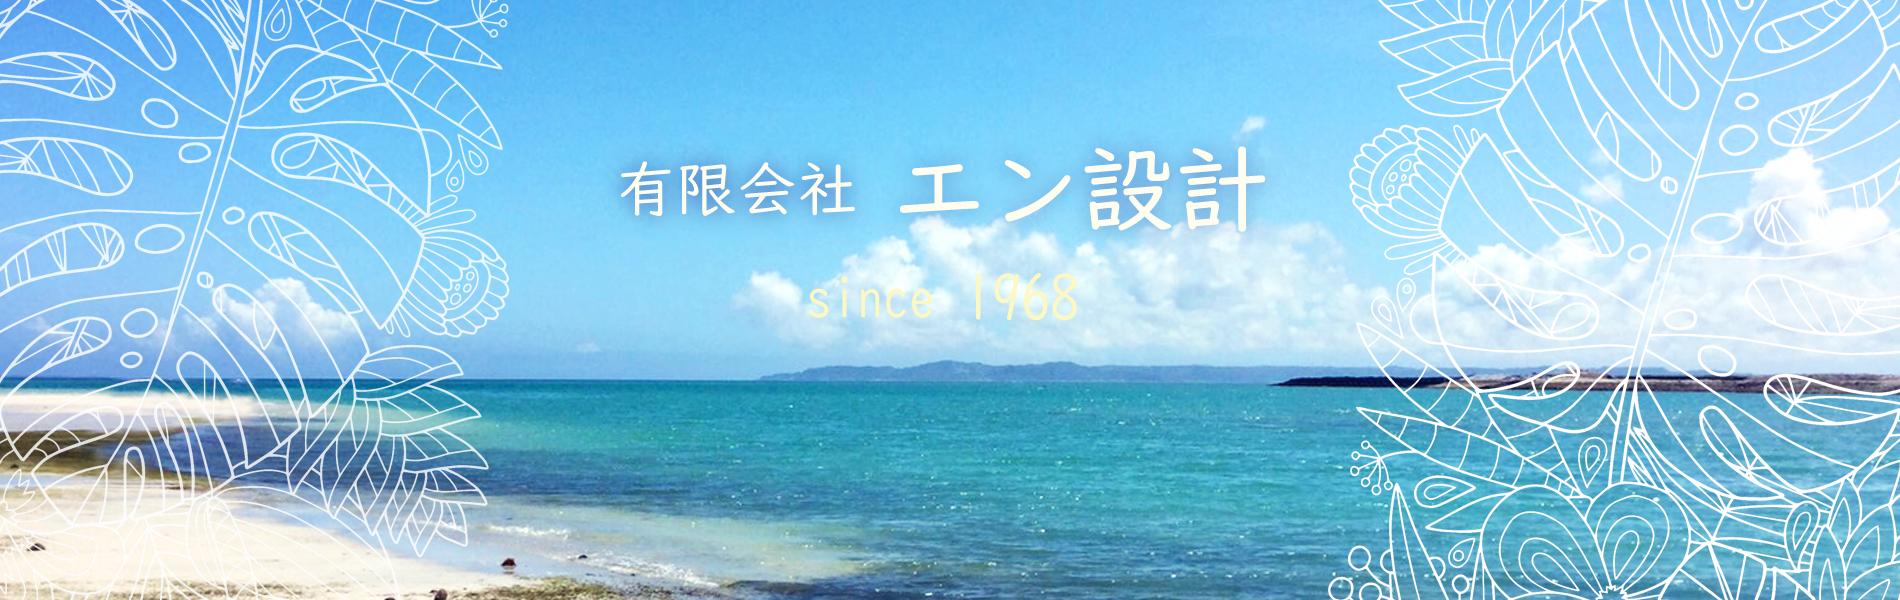 沖縄市泡瀬の海